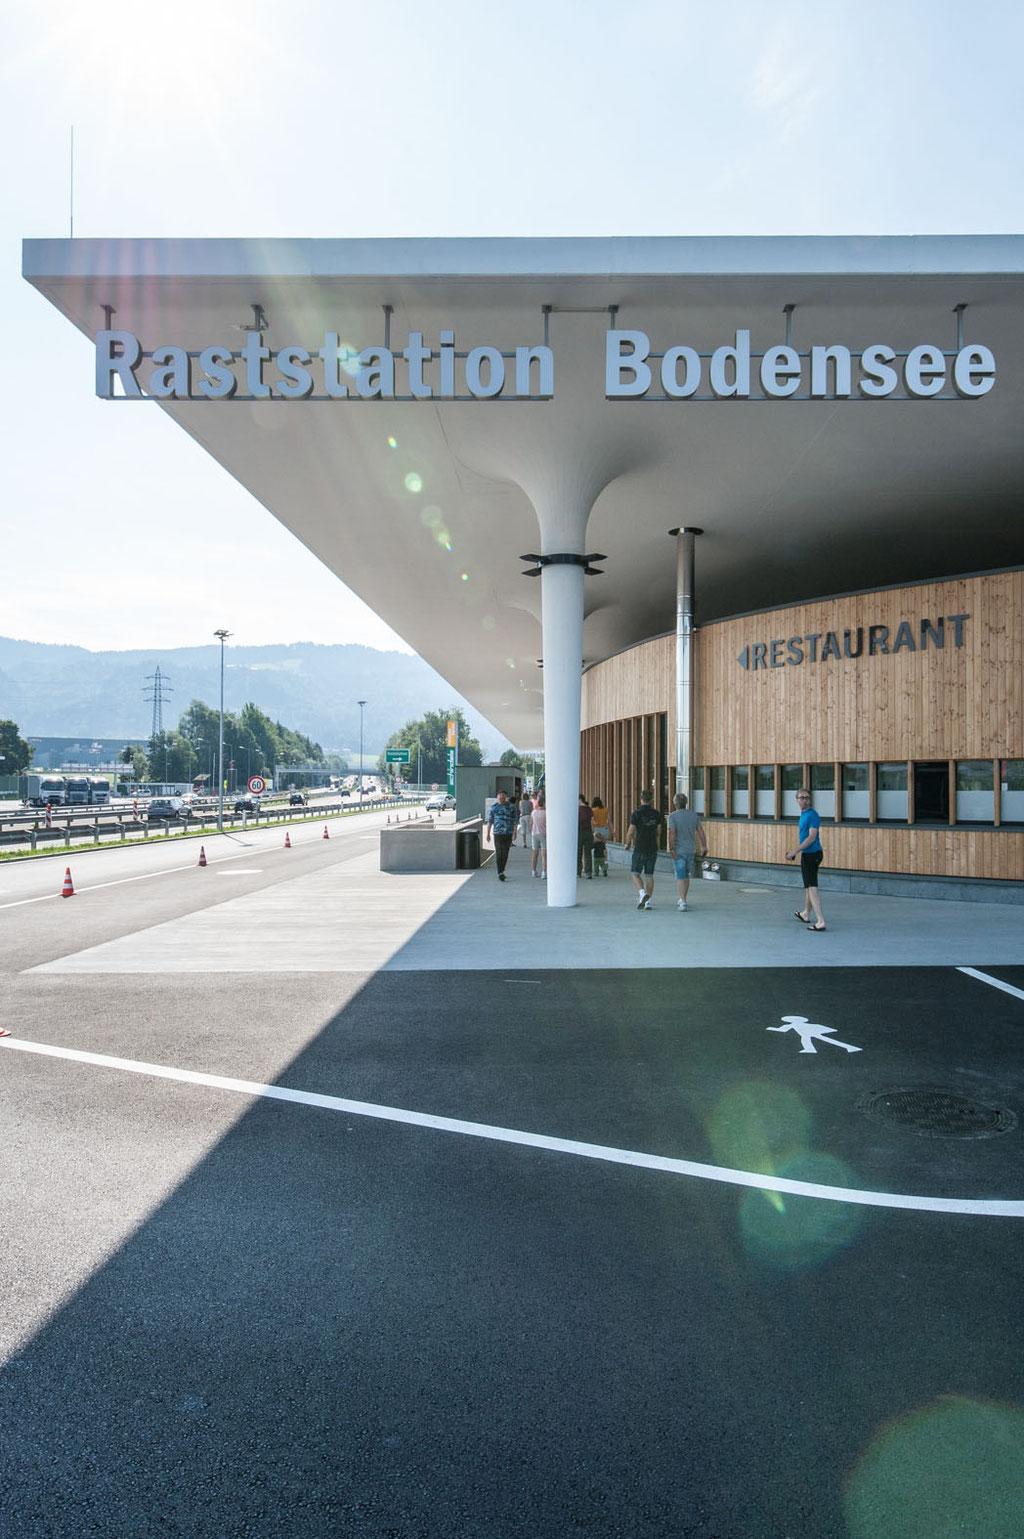 Raststation Bodensee (Christian Lenz), Hörbranz (A)